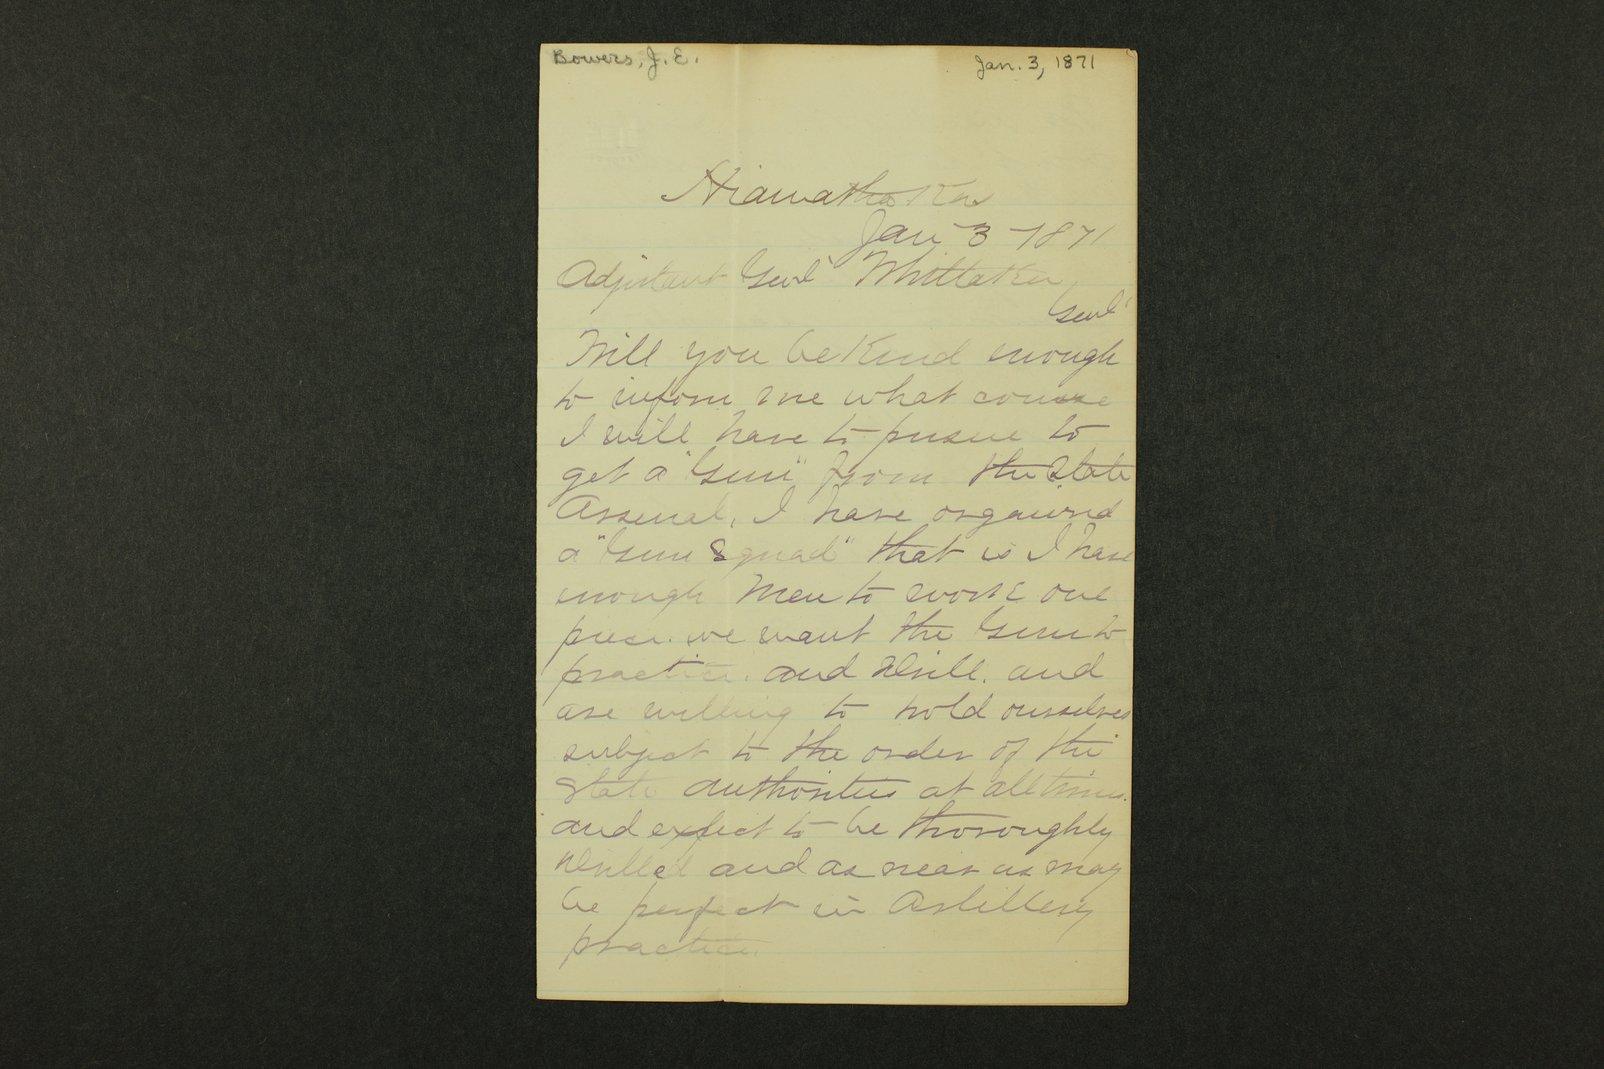 Kansas Adjutant General general correspondence, 1871 - 6